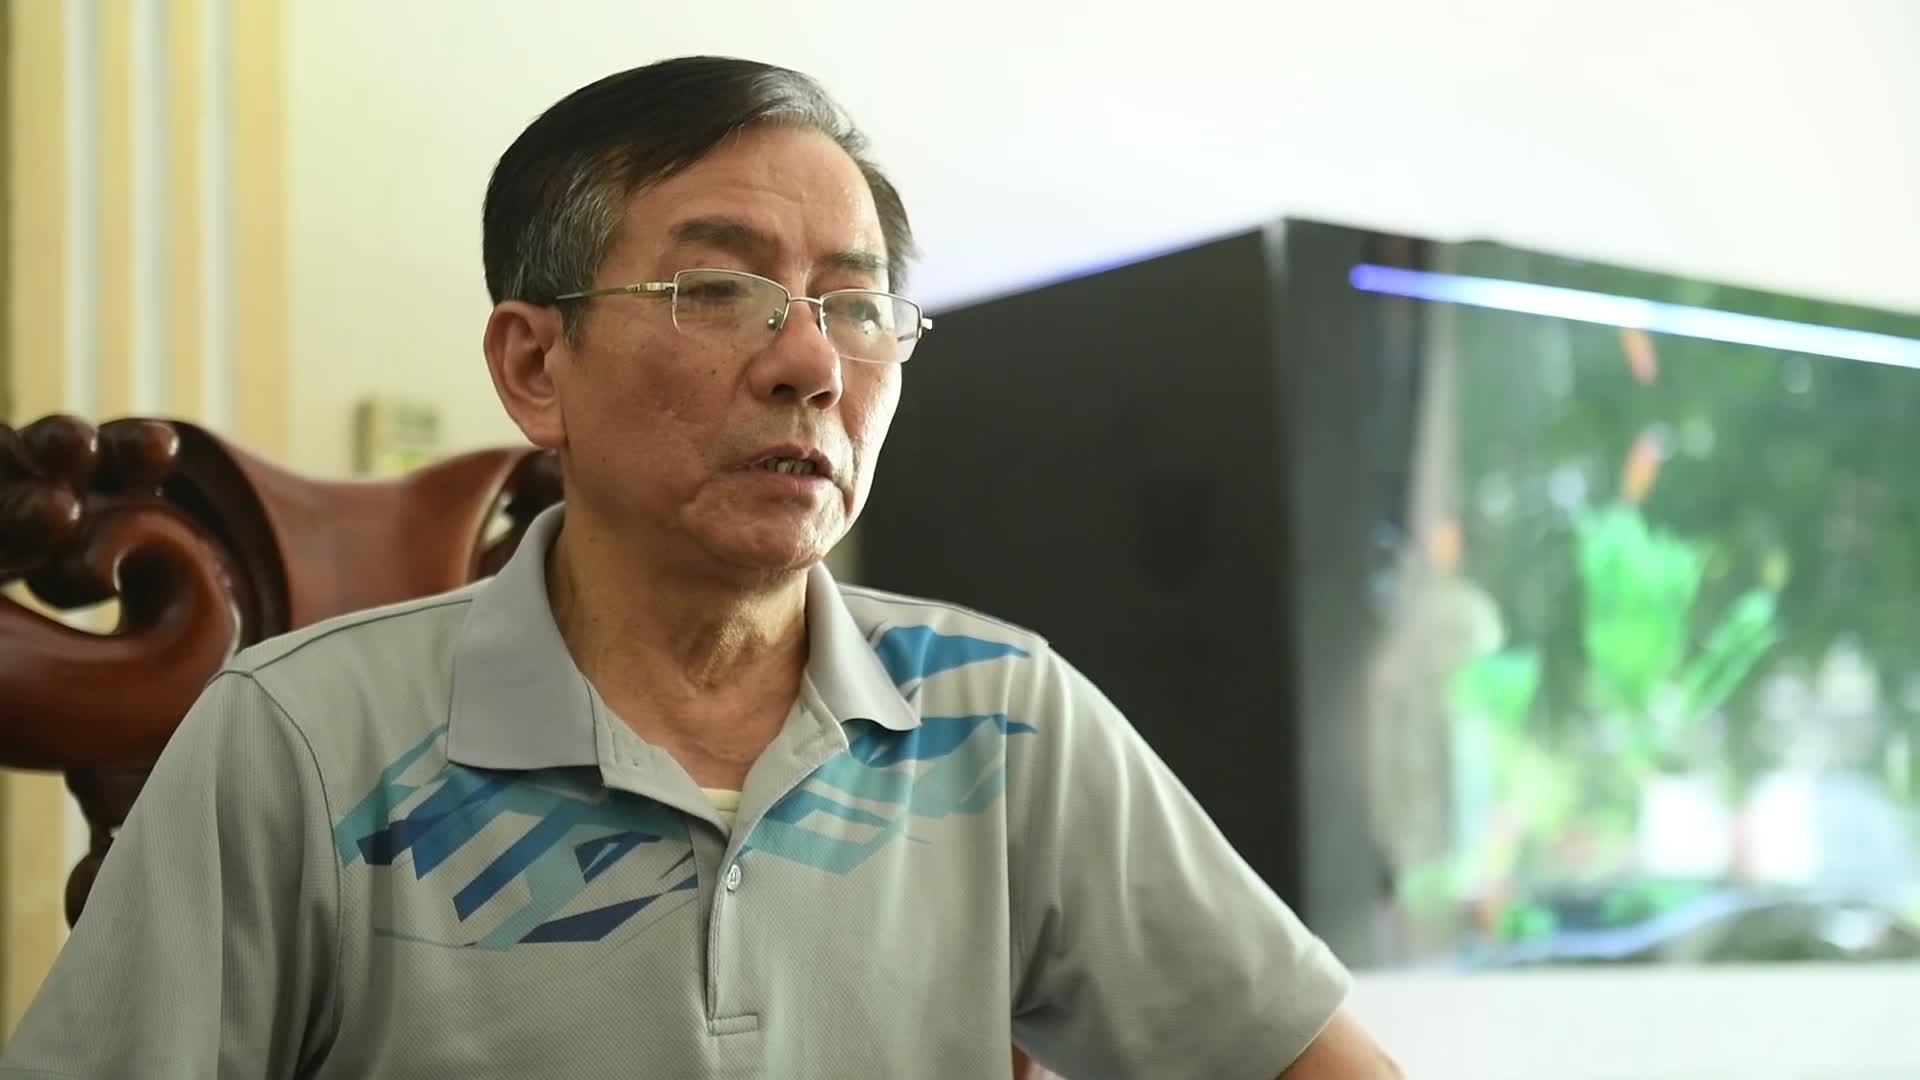 Tất cả gia đình nạn nhân đồng loạt xin giảm nhẹ tội cho bị cáo Bùi Mạnh Quốc và bị cáo Sơn, đồng thời đề nghị Tòa tuyên vô tội với bác sĩ Lương